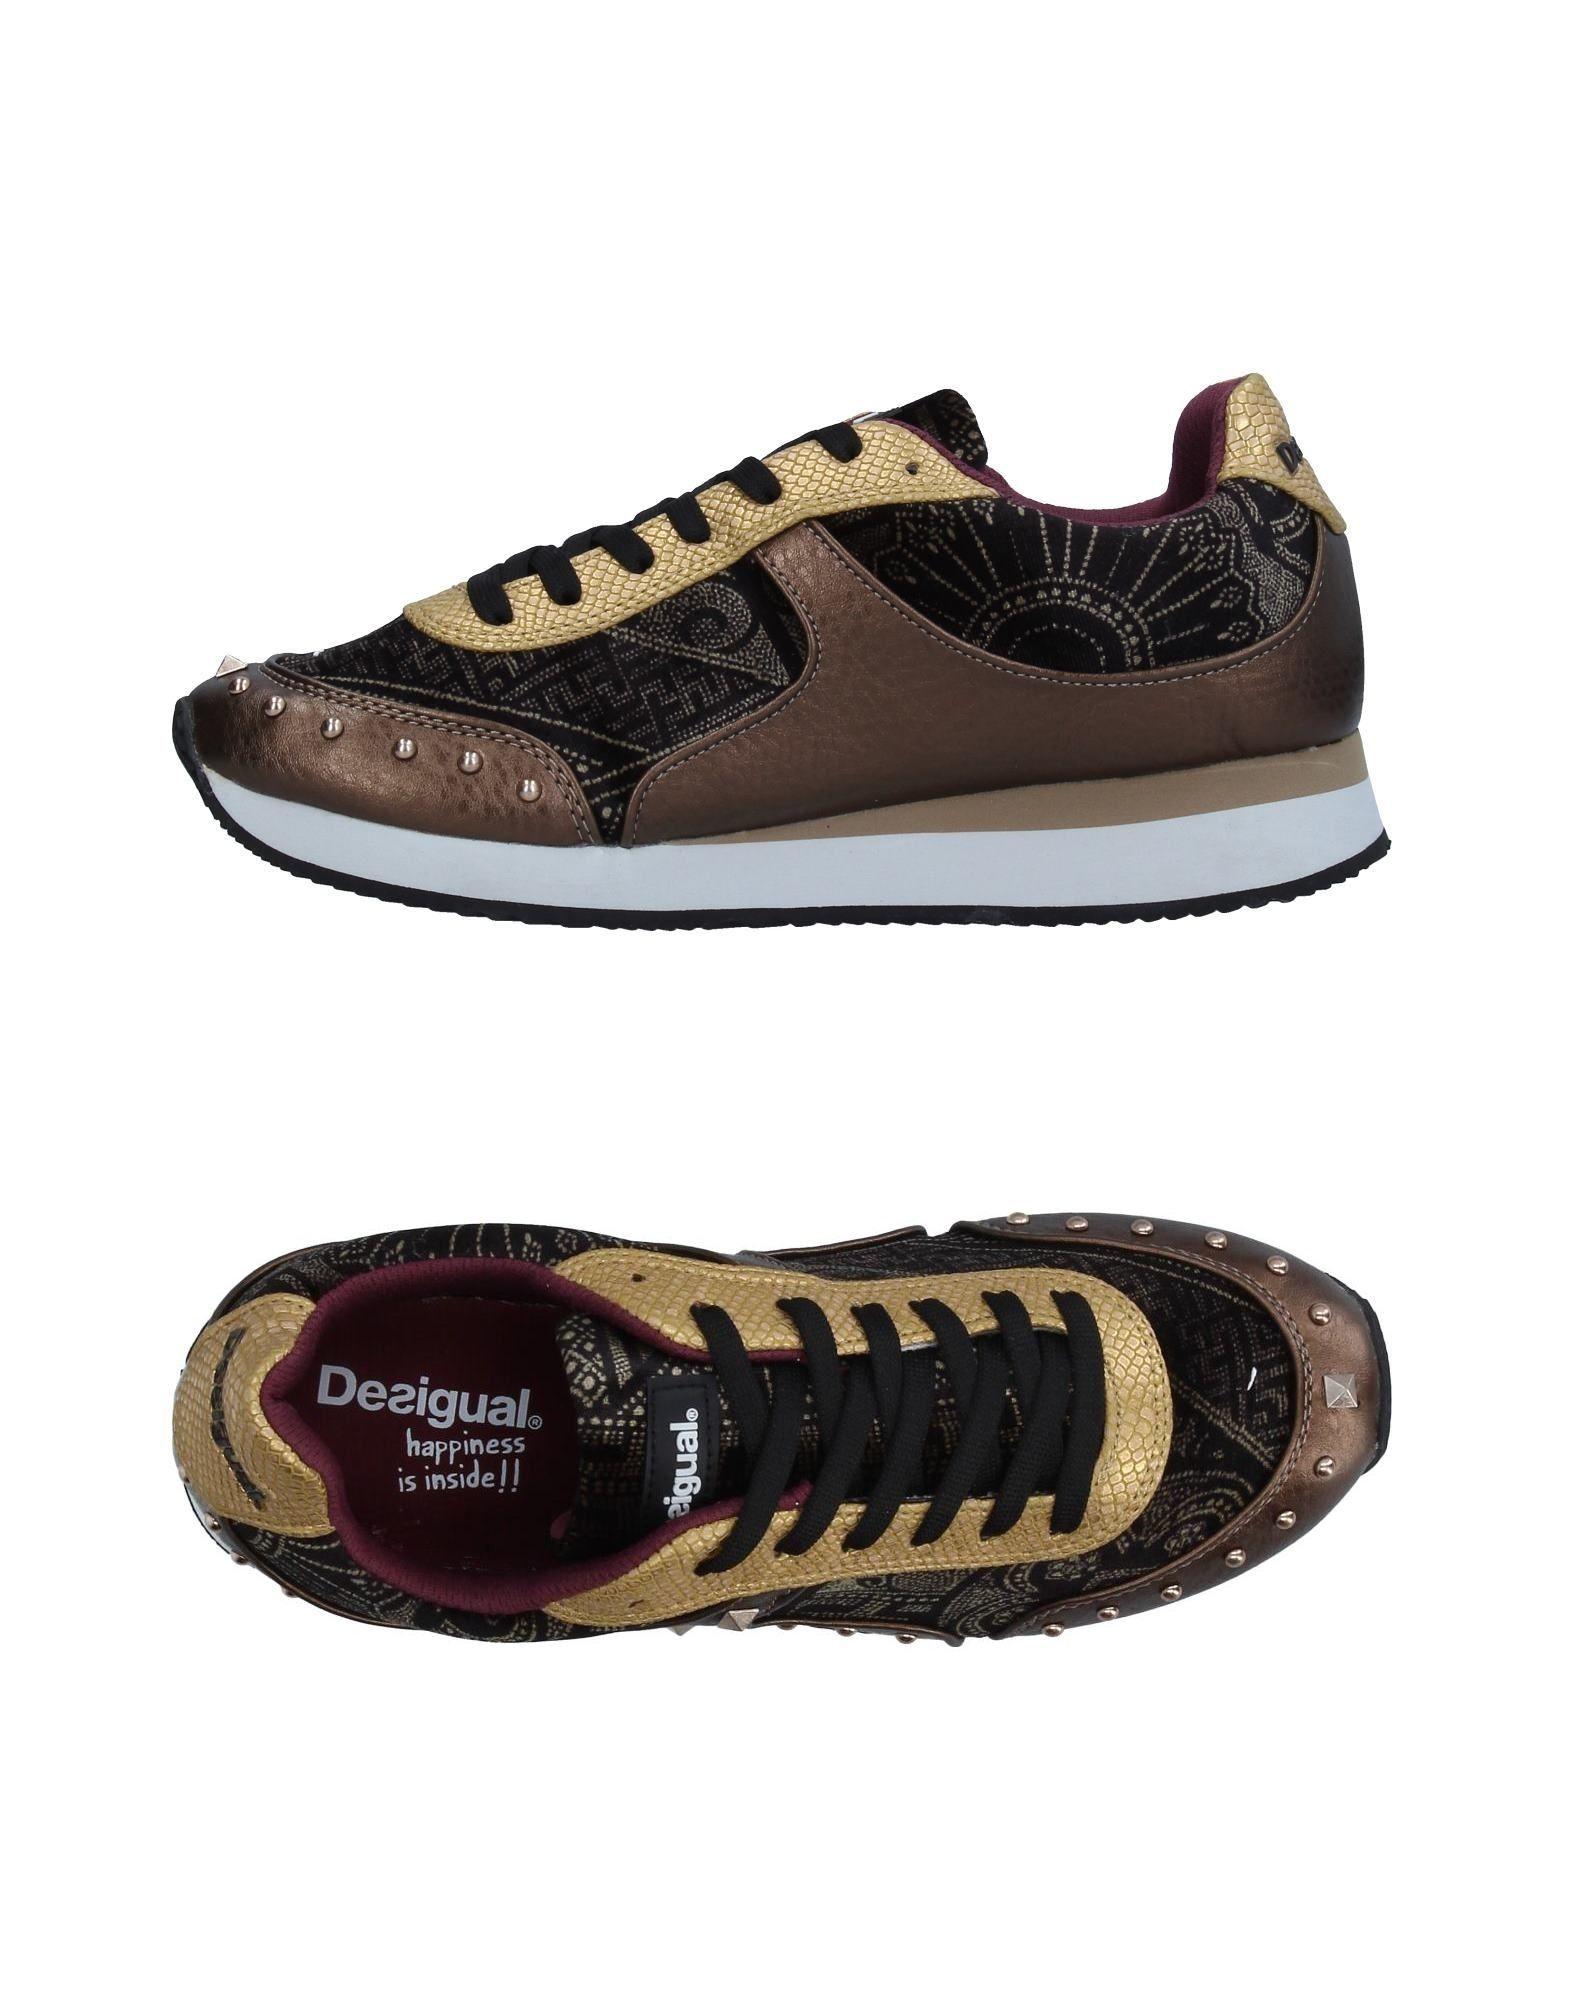 Desigual Sneakers - Women Desigual 11338197CE Sneakers online on  Australia - 11338197CE Desigual fdf20e